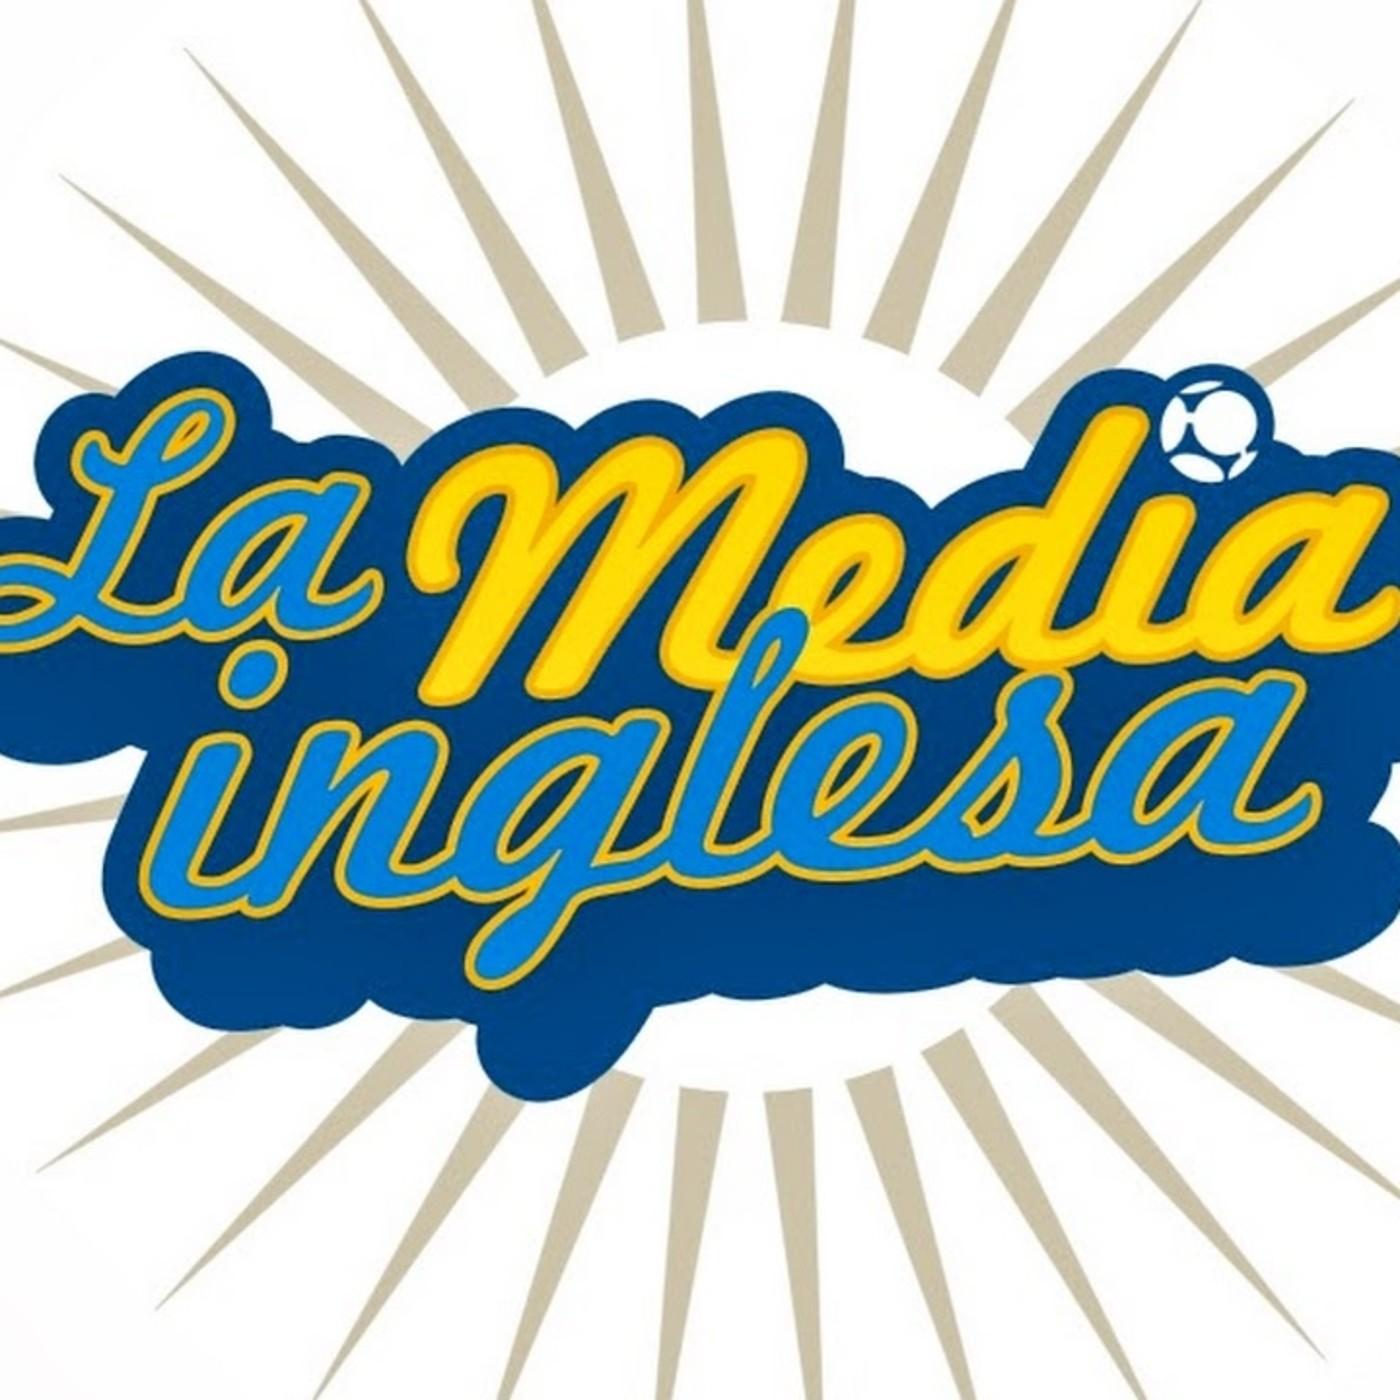 El podcast de LMI: Campeón del asposteriorismo, el periodismo en vena y algo siendo easy peasy lemon squeezy